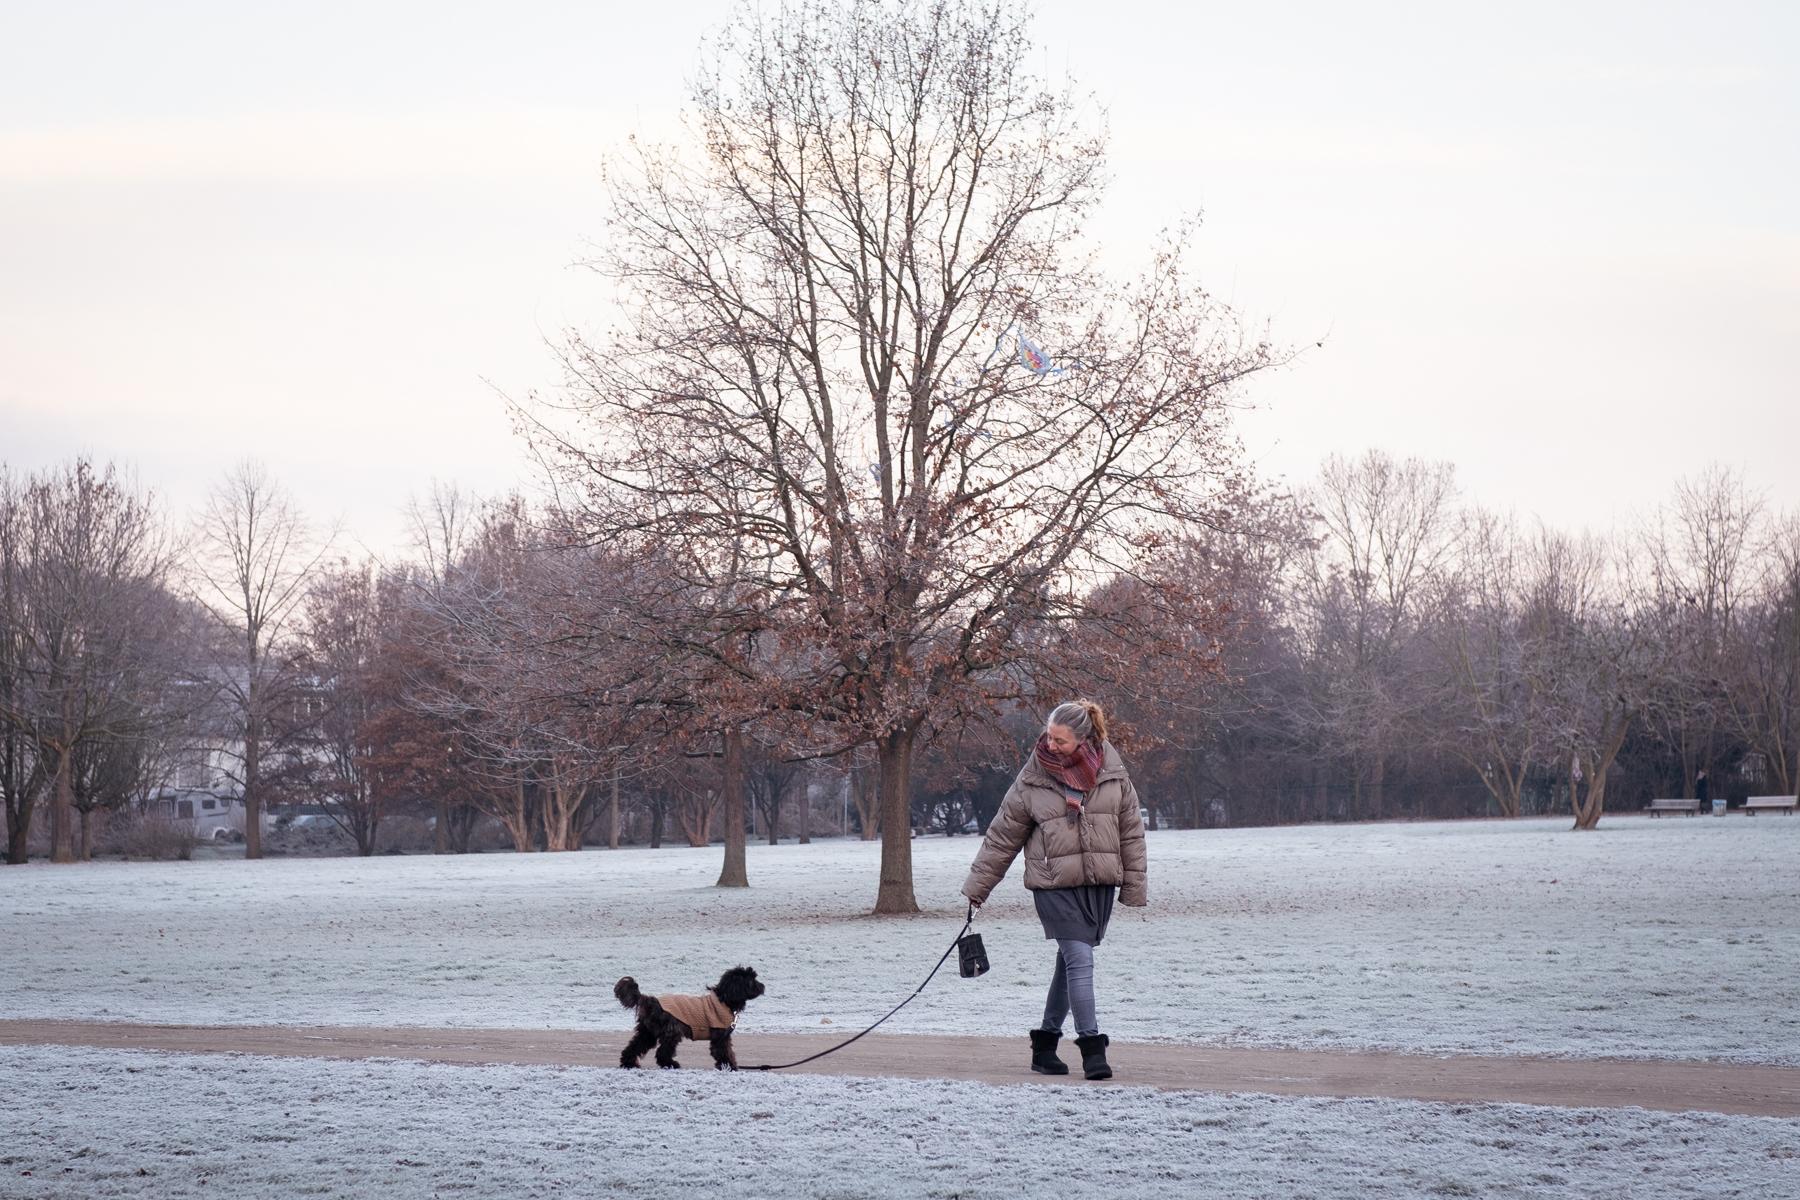 Spazieren gehen - ob vor oder nach der Arbeit oder während der Mittagspause sorgt für einen klaren Kopf und Bewegung.